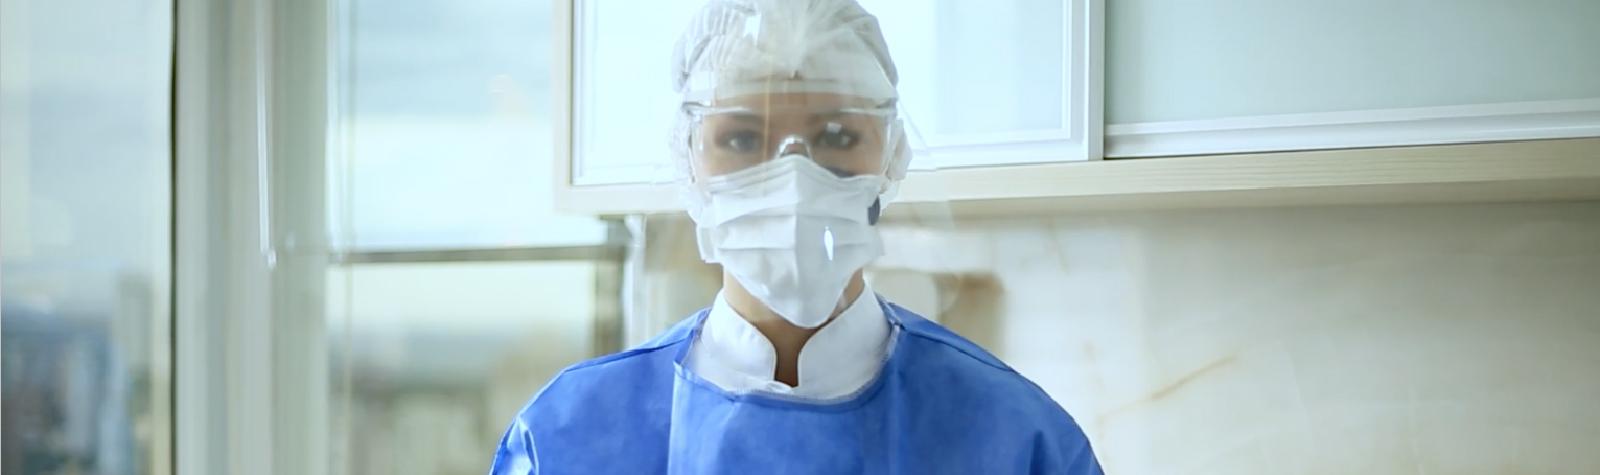 Uniodonto do Brasil produz vídeo sobre reforço das medidas de segurança nos consultórios odontológicos